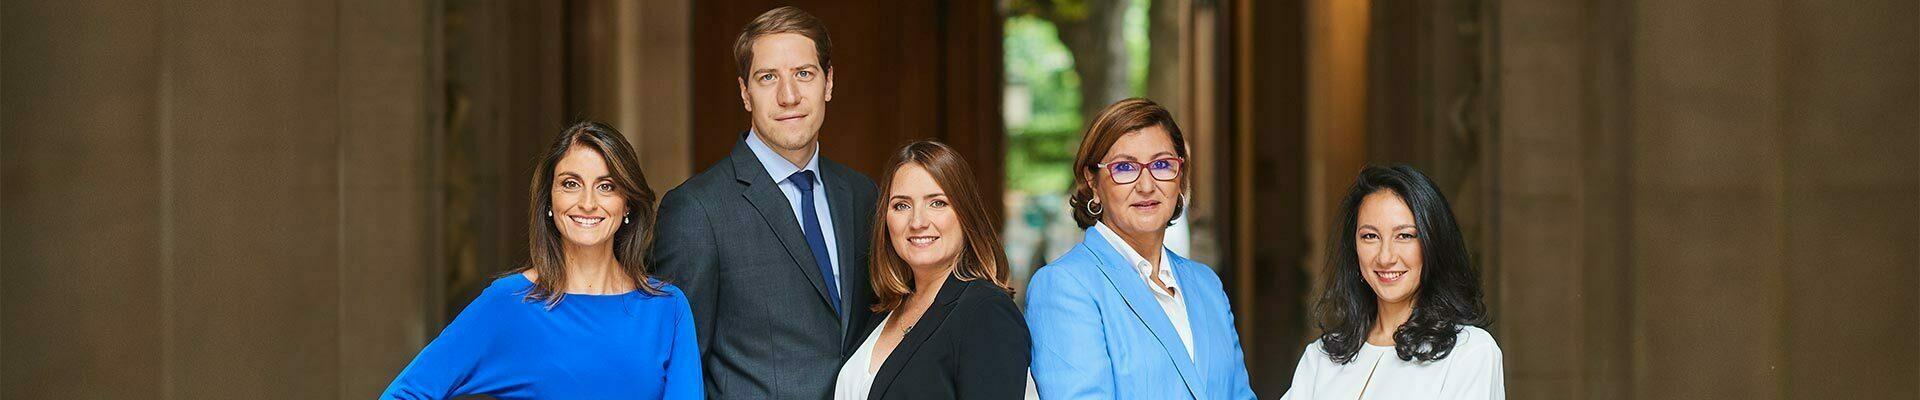 Equipe GV Paris cabinet d'Avocats